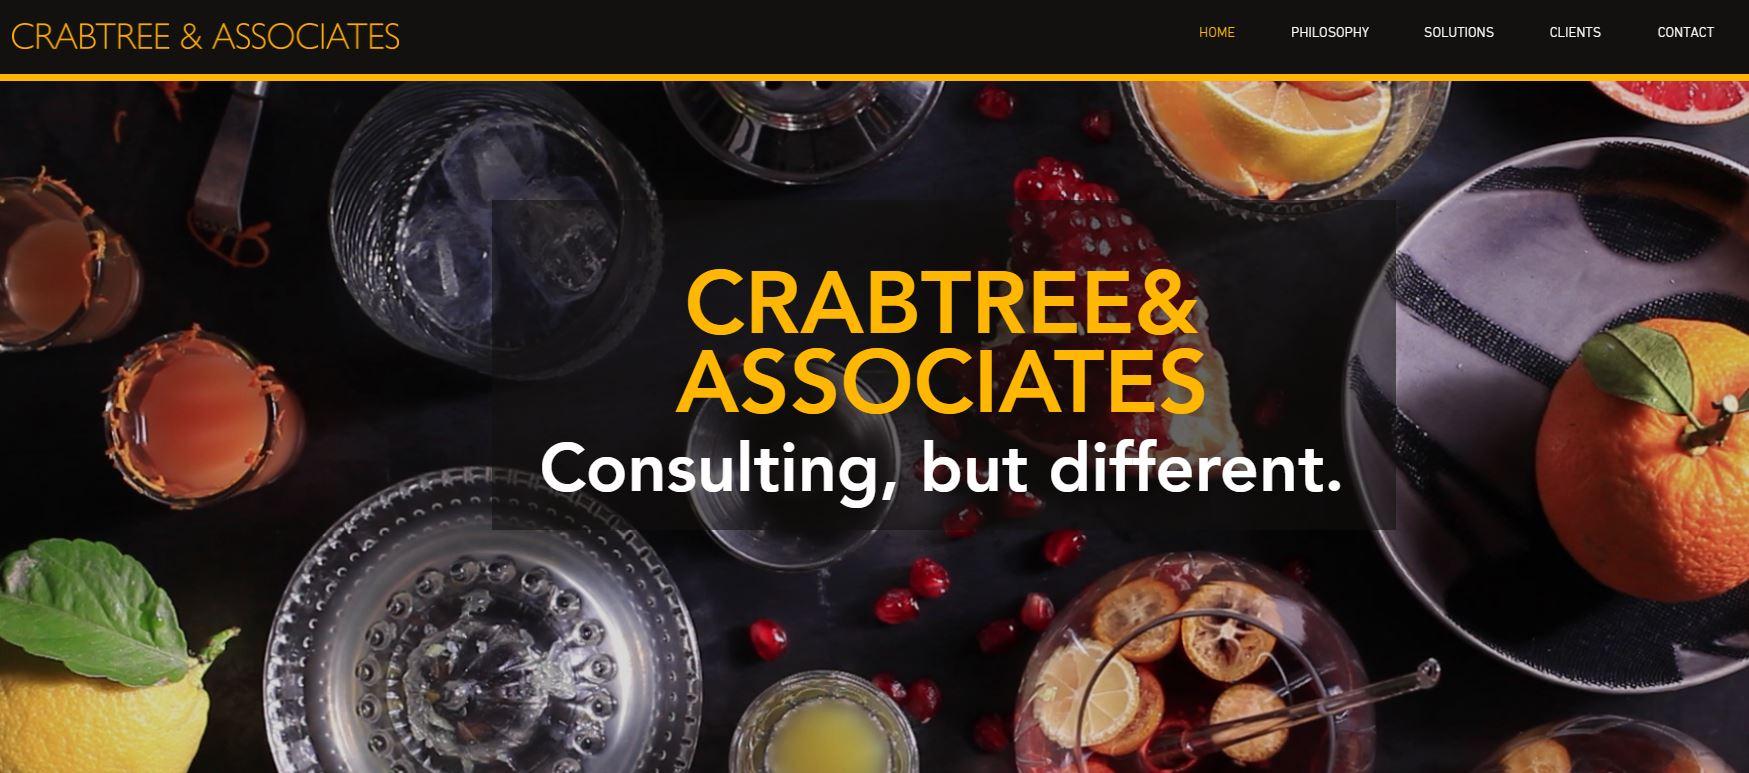 Crabtree & Associates